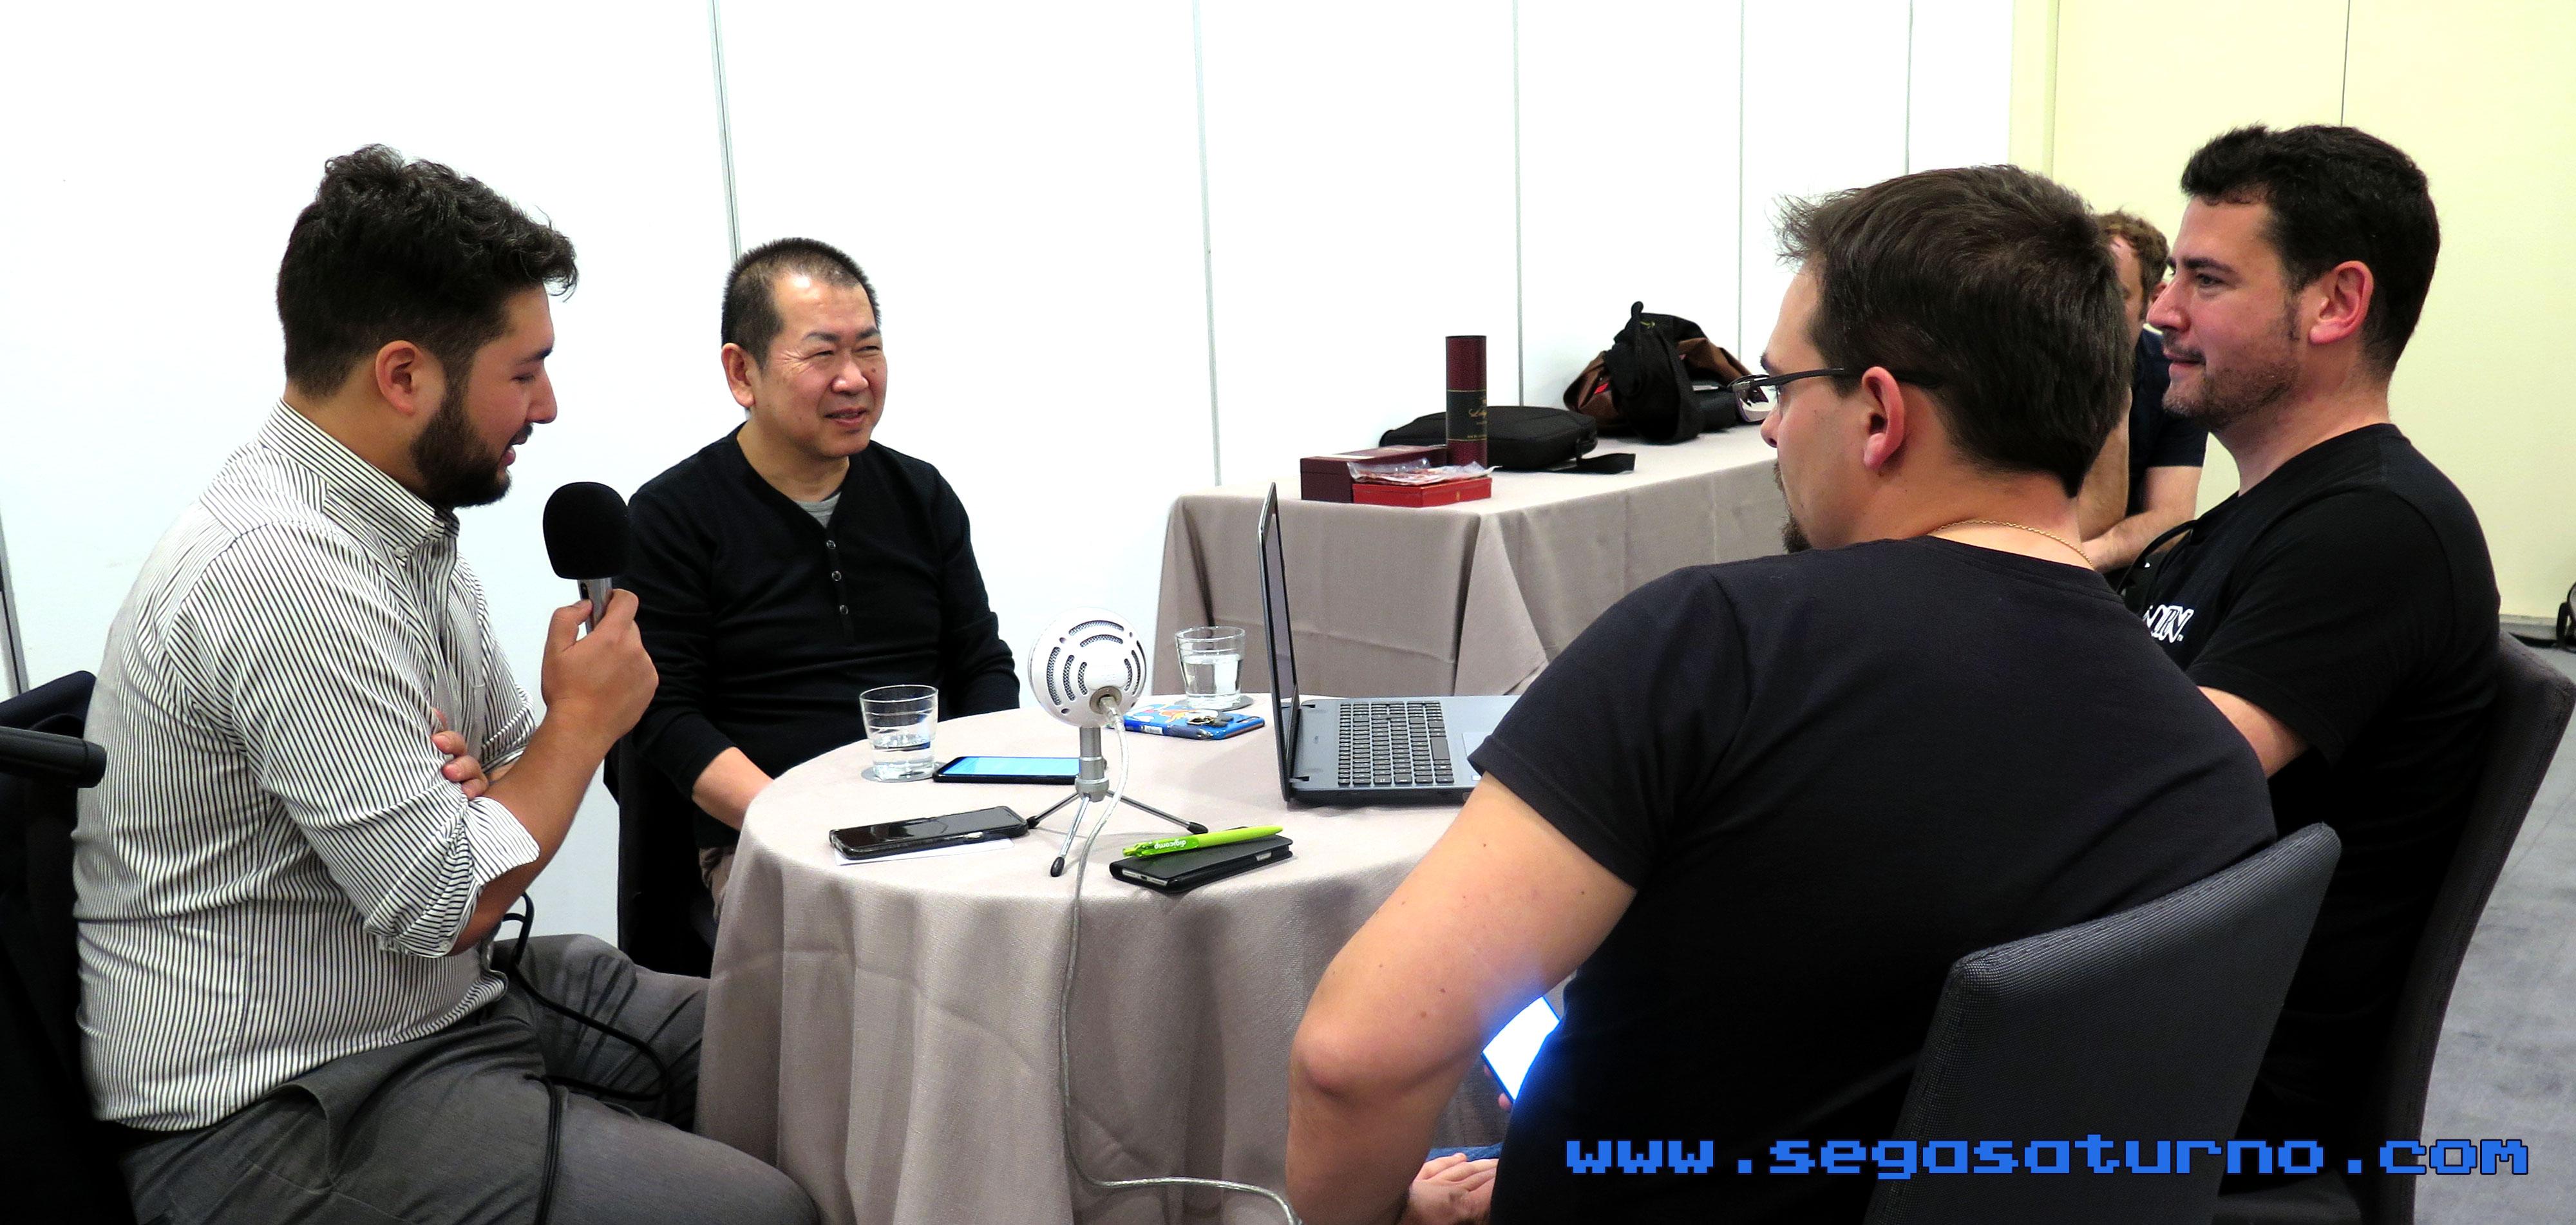 Yu Suzuki Kenji Kojima interview entrevista 2019 Magic Monaco Shenmue III 3 Raúl Requejo Alfonso Martínez SEGASaturno Spain